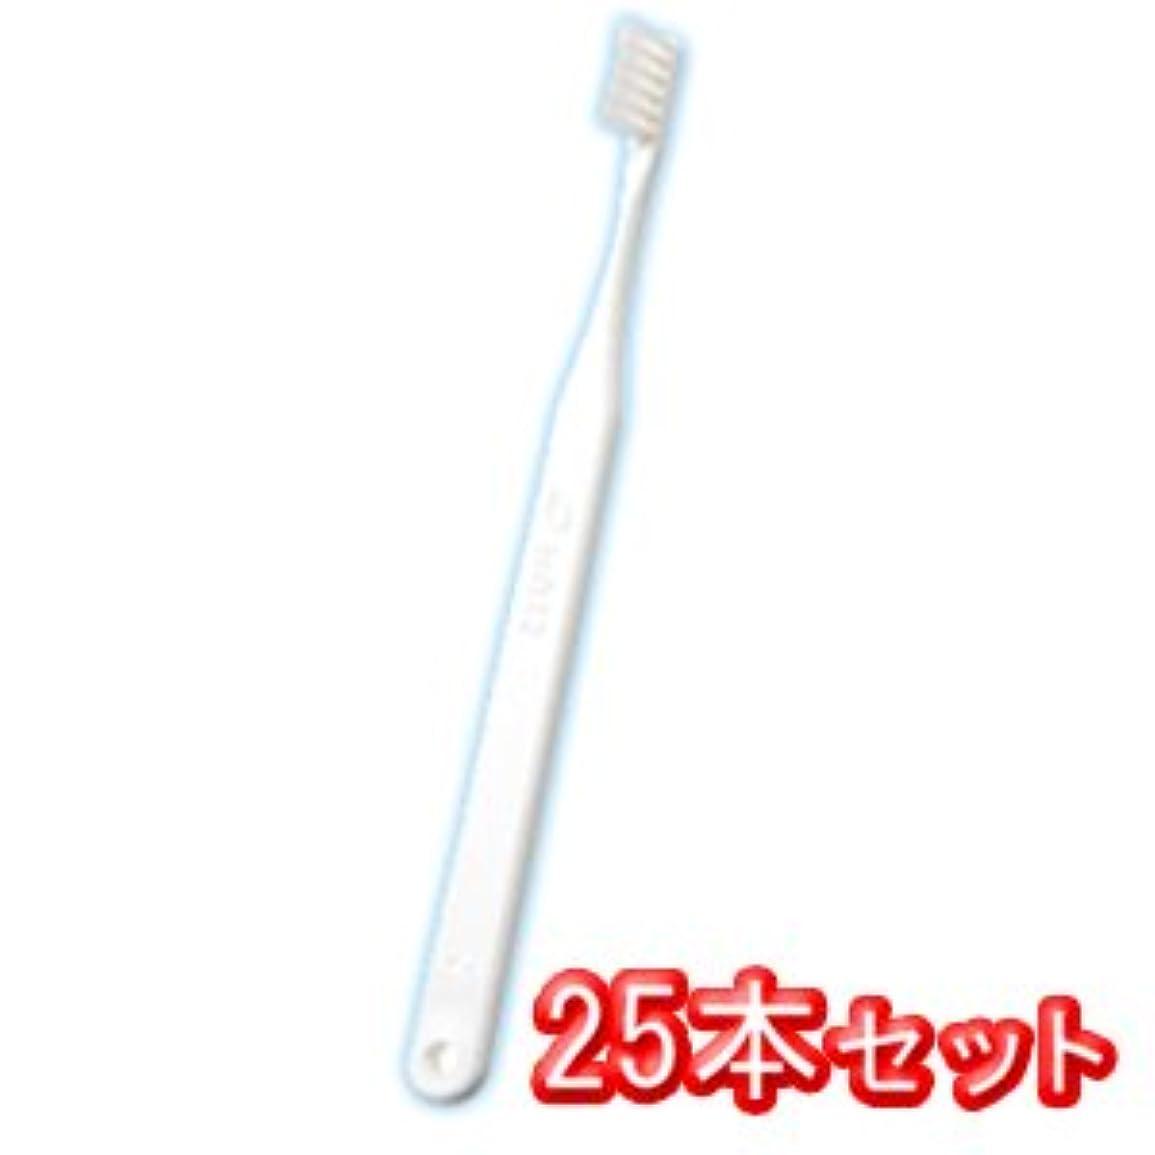 咳土五月オーラルケア タフト12 歯ブラシ 25本入 スーパーソフト SS ホワイト